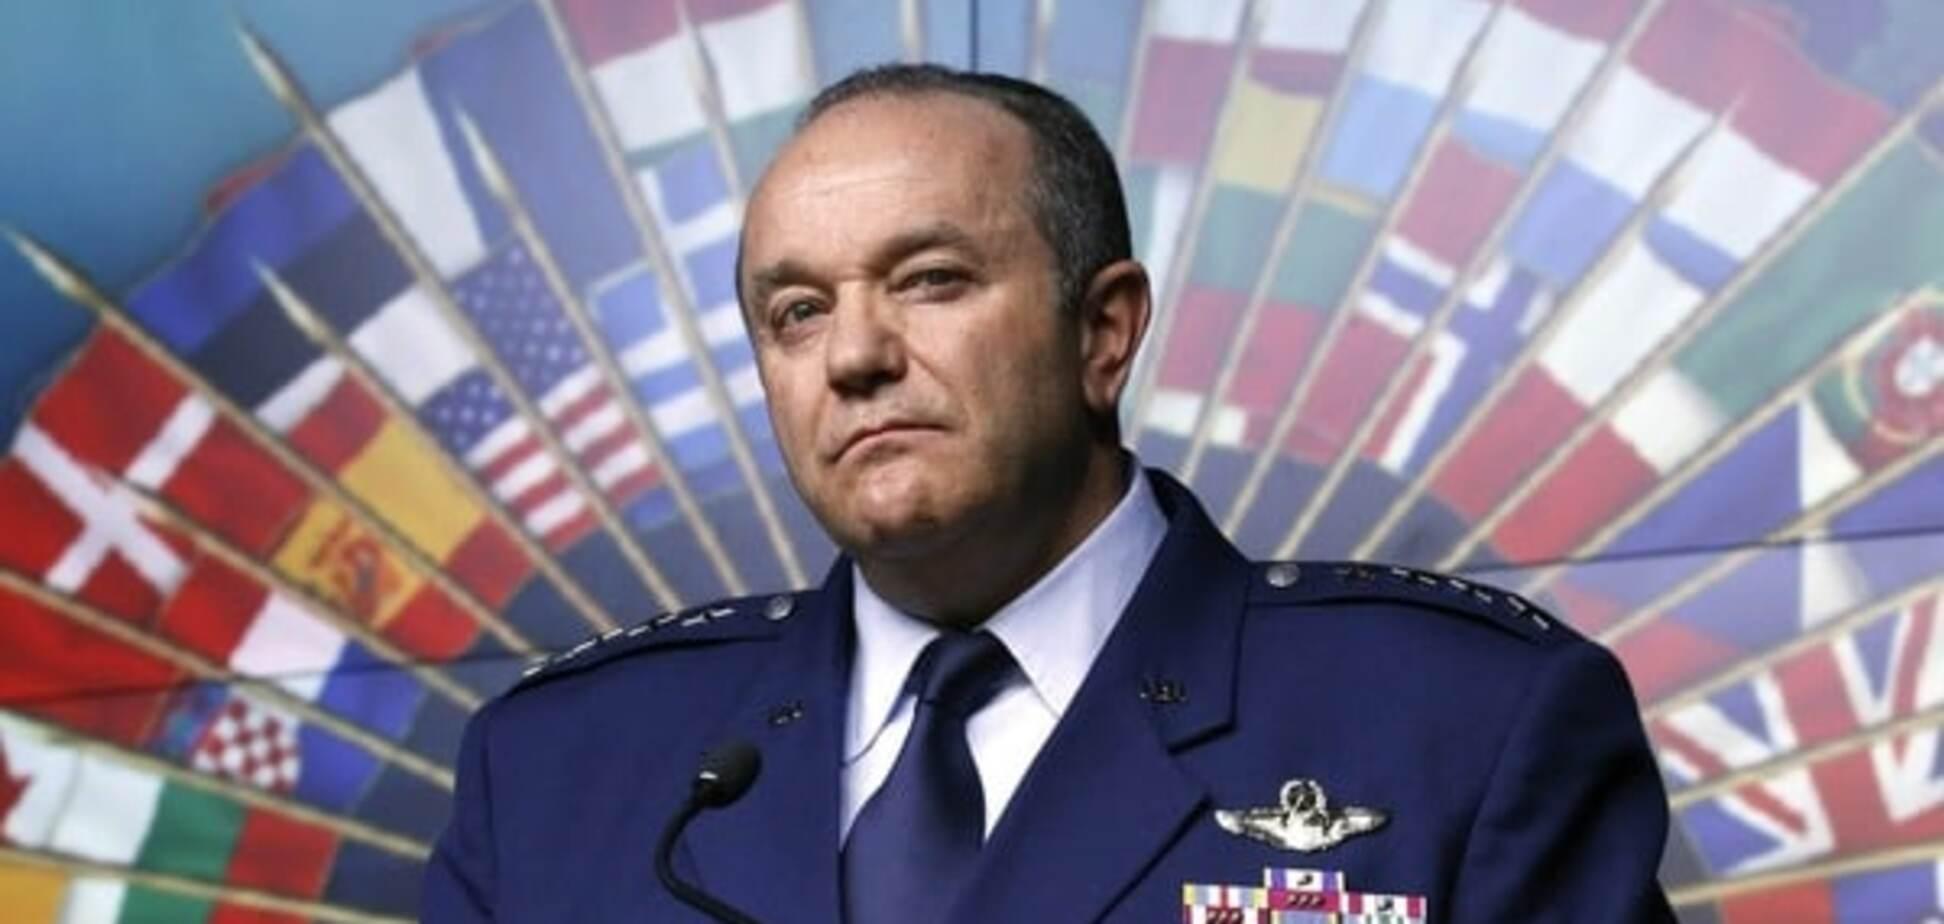 бывший верховный главнокомандующий силами НАТО в Европе